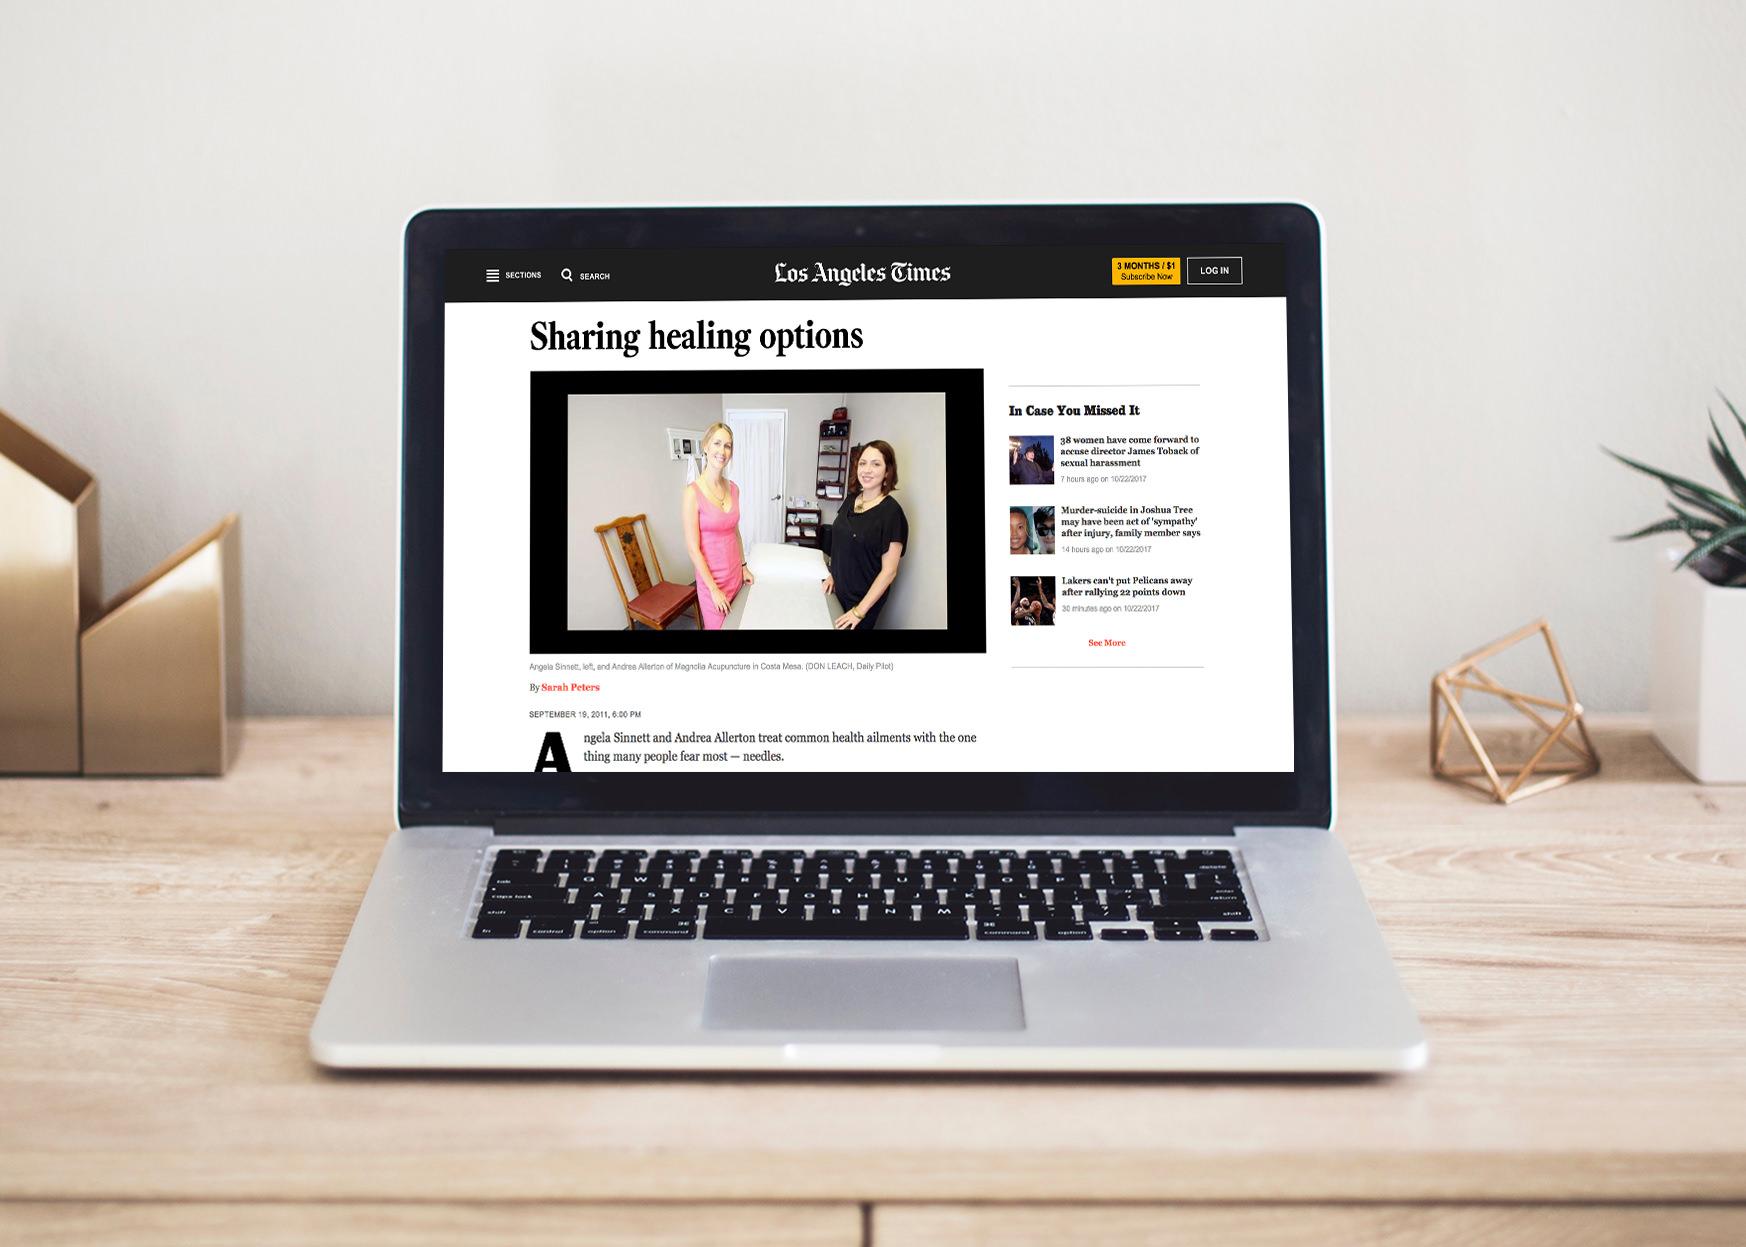 la-times-web.jpg